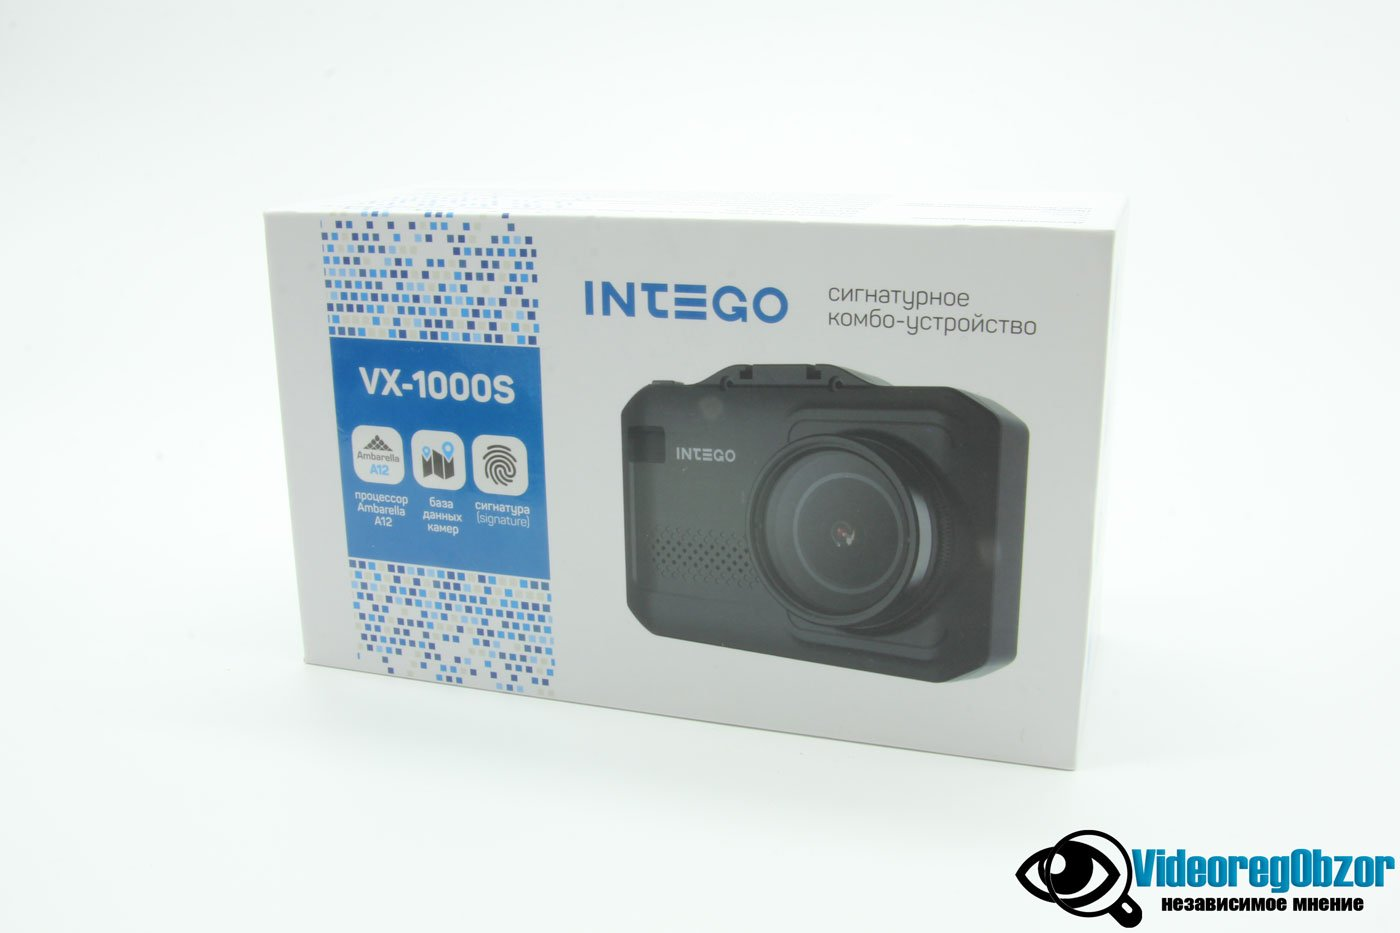 INTEGO VX 1000S 2